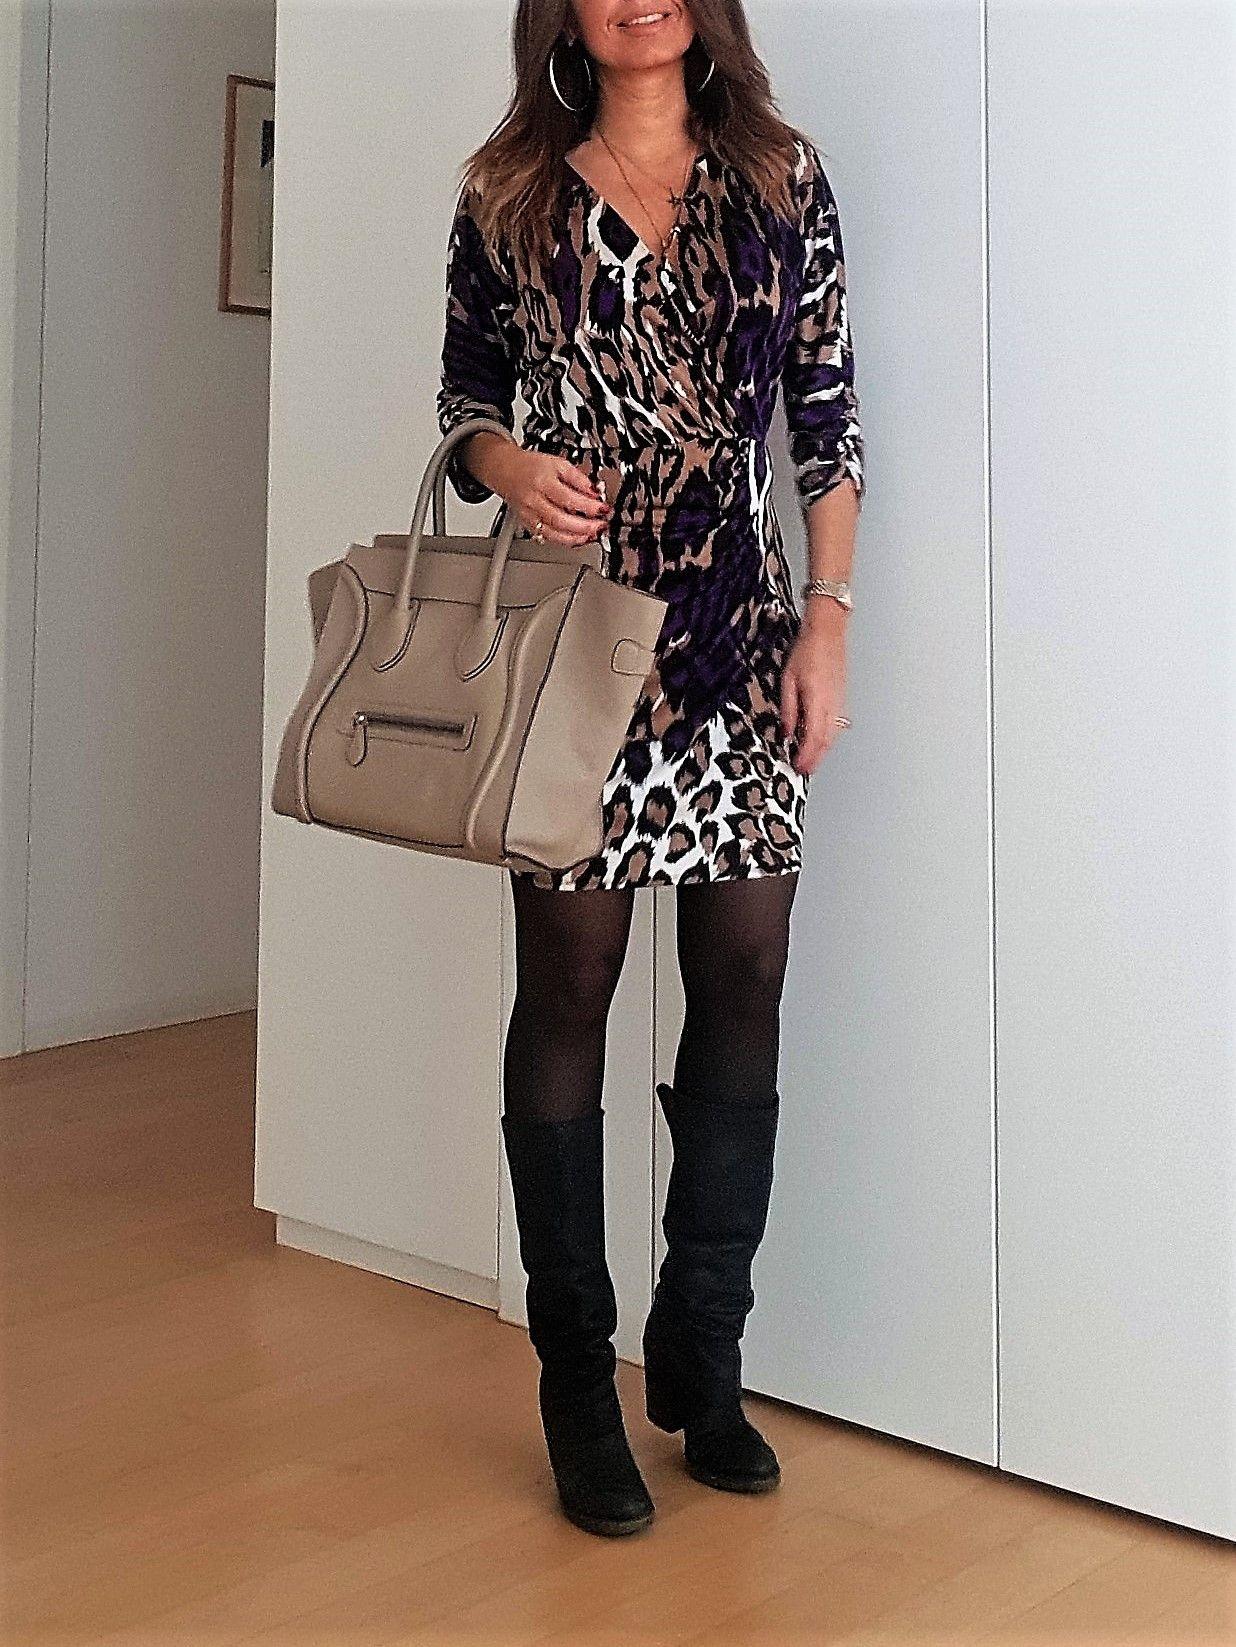 Leopard print dress    Abito leopardato outfit  Céline Mini  IT Bags  Come 910fd7d8fd6